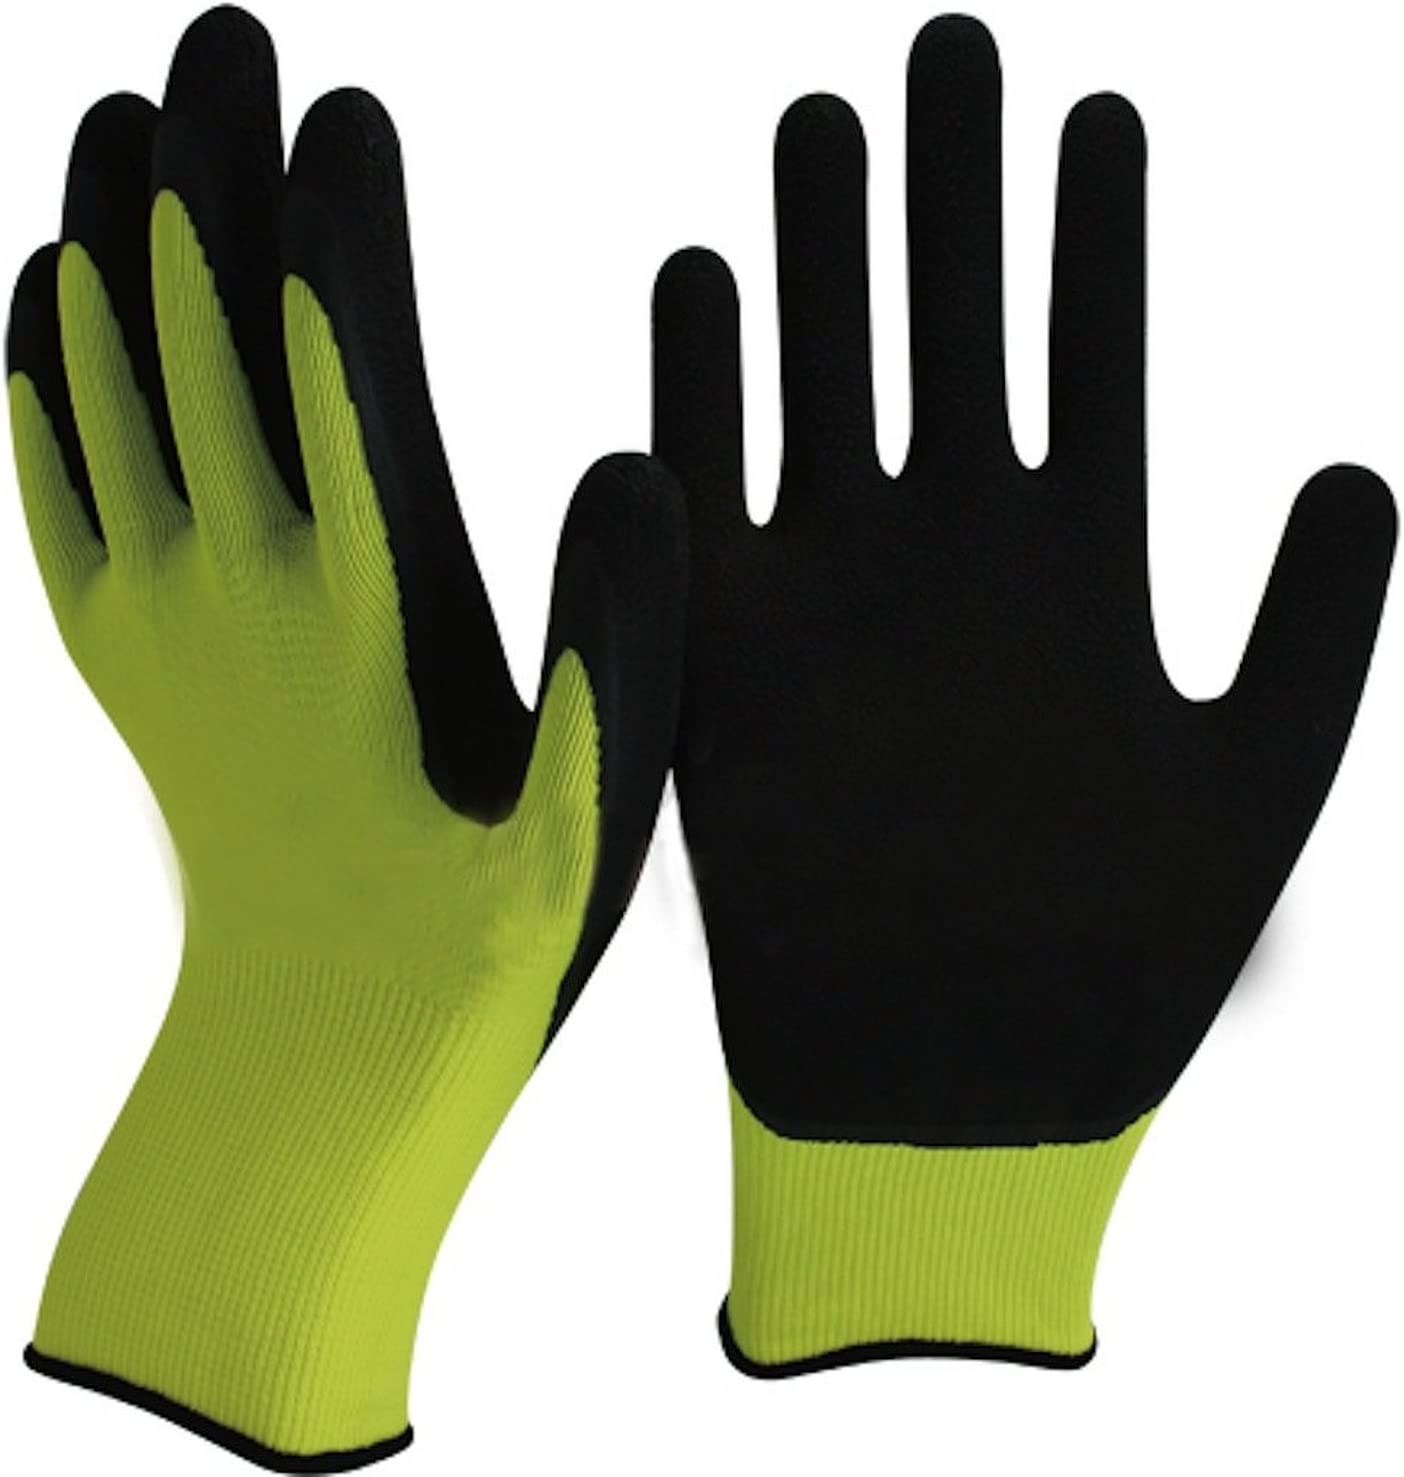 Espuma de l/átex Especialista en los Consejos de palma y dedos para m/áxima destreza Small x 12 Disponible en singles o paquetes de 12 pares Guantes verdes y Negro Latex jardiner/ía